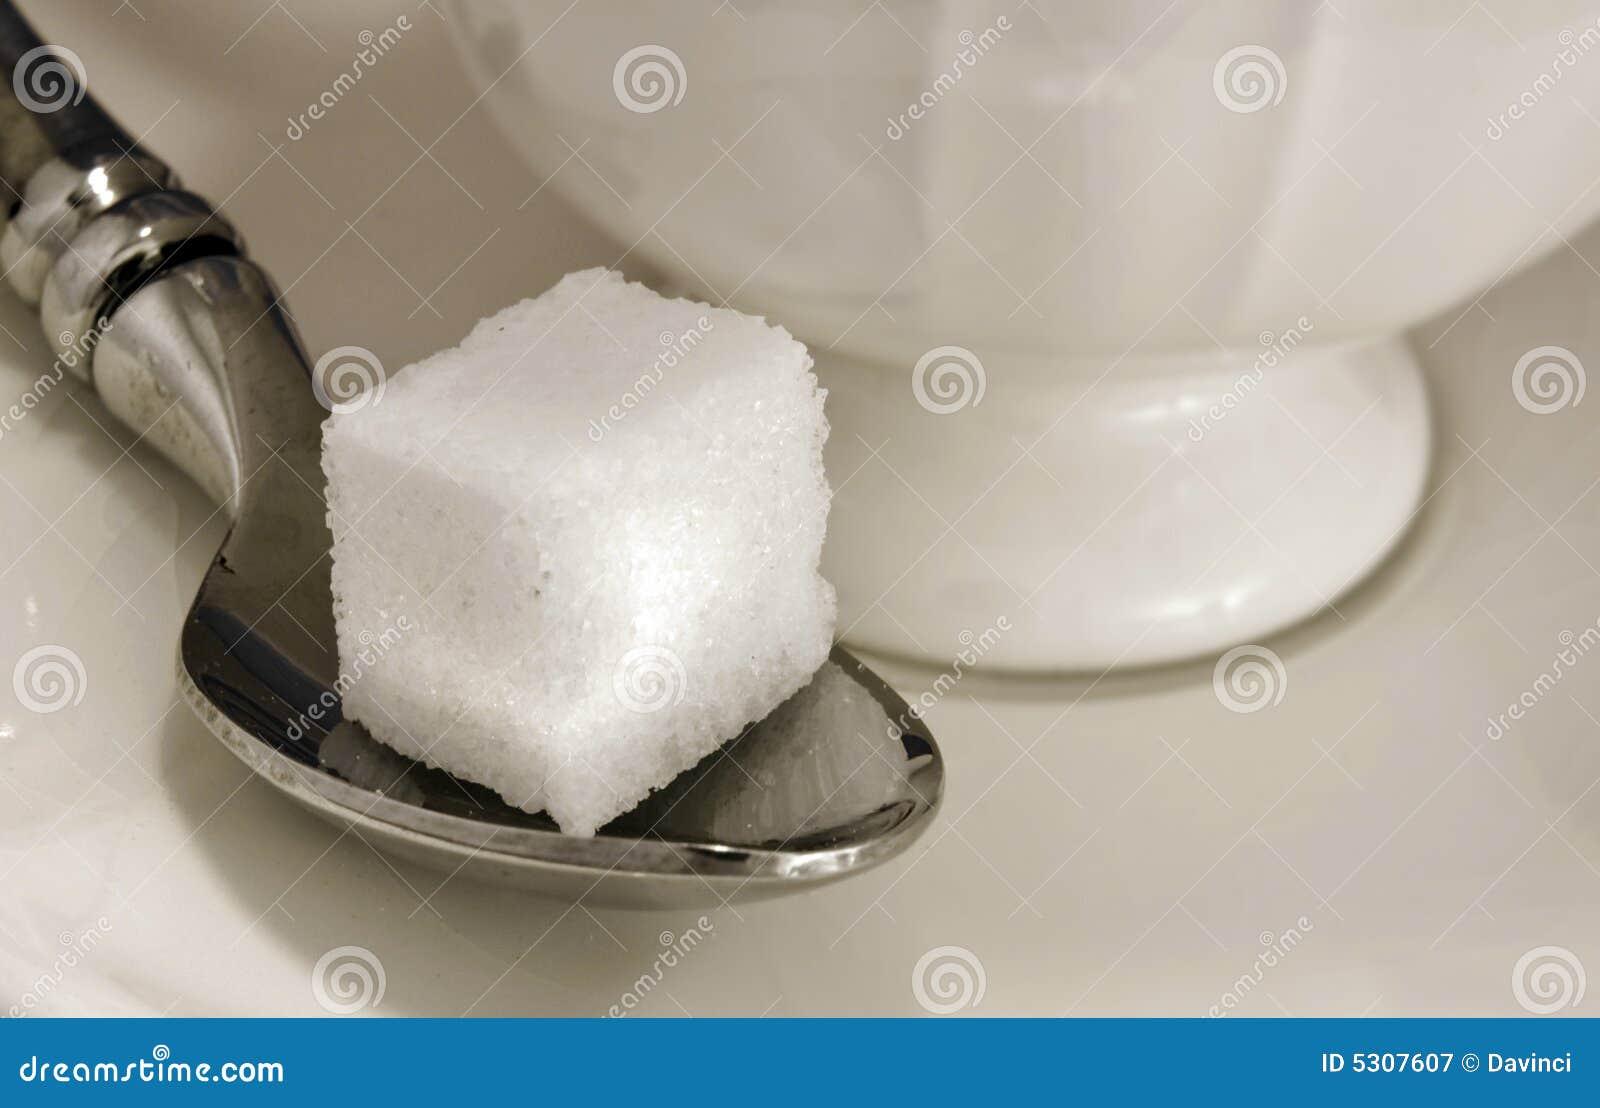 Download Zucchero immagine stock. Immagine di isolato, ciotola - 5307607